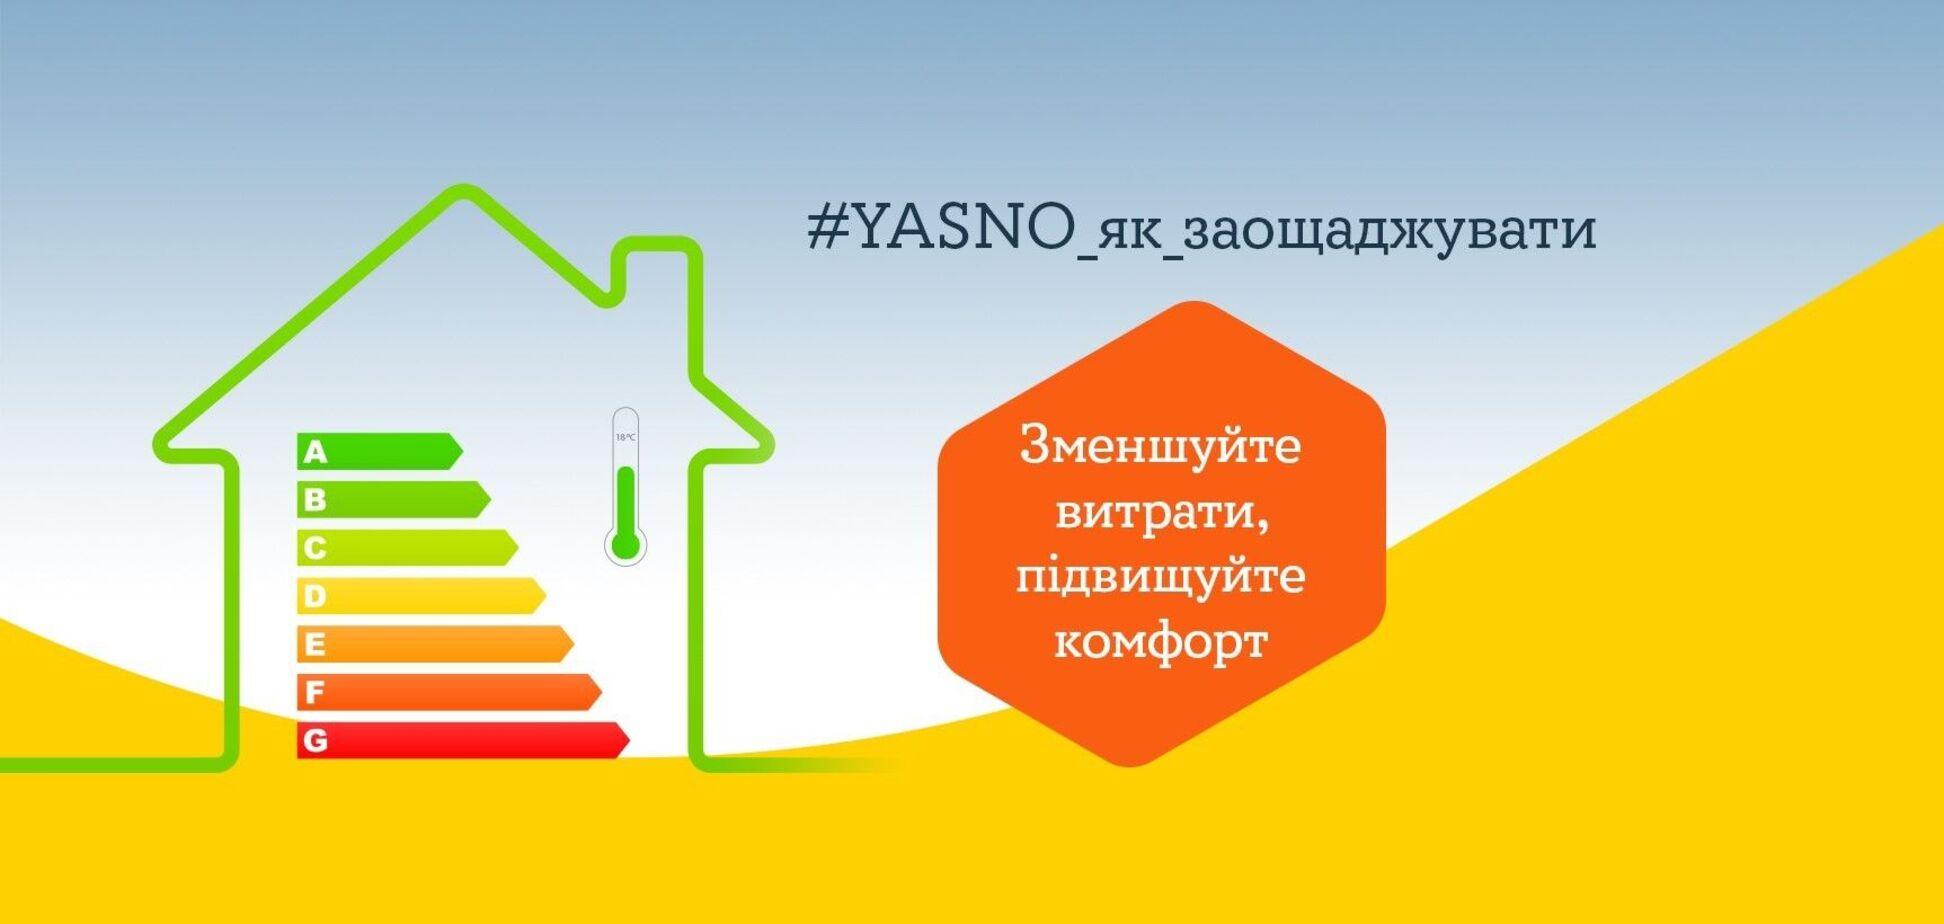 YASNO створив новий проєкт, щоб українці дізналися про способи економії на електроенергії